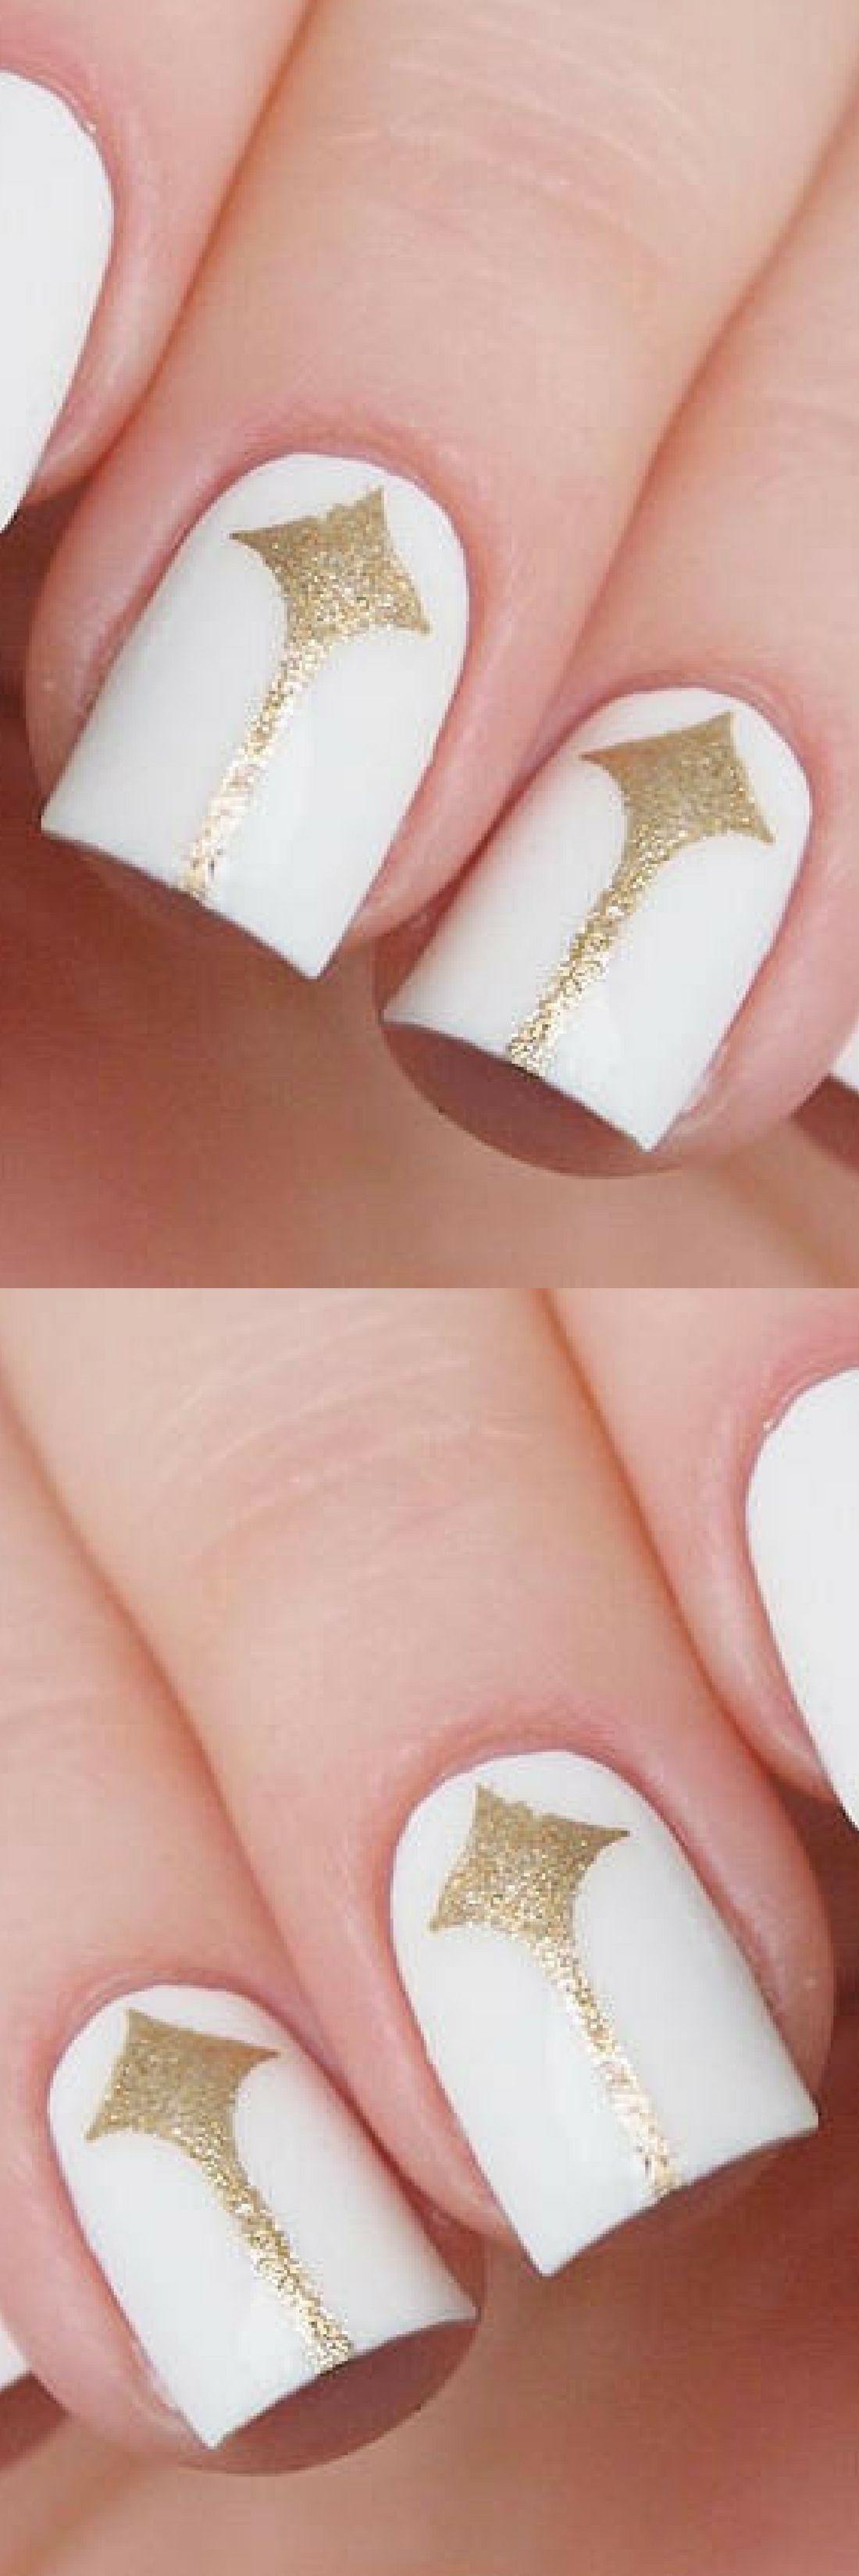 Spike elegance nail vinyls/ Nail art stenclis/ Nail art tape/ Nail ...